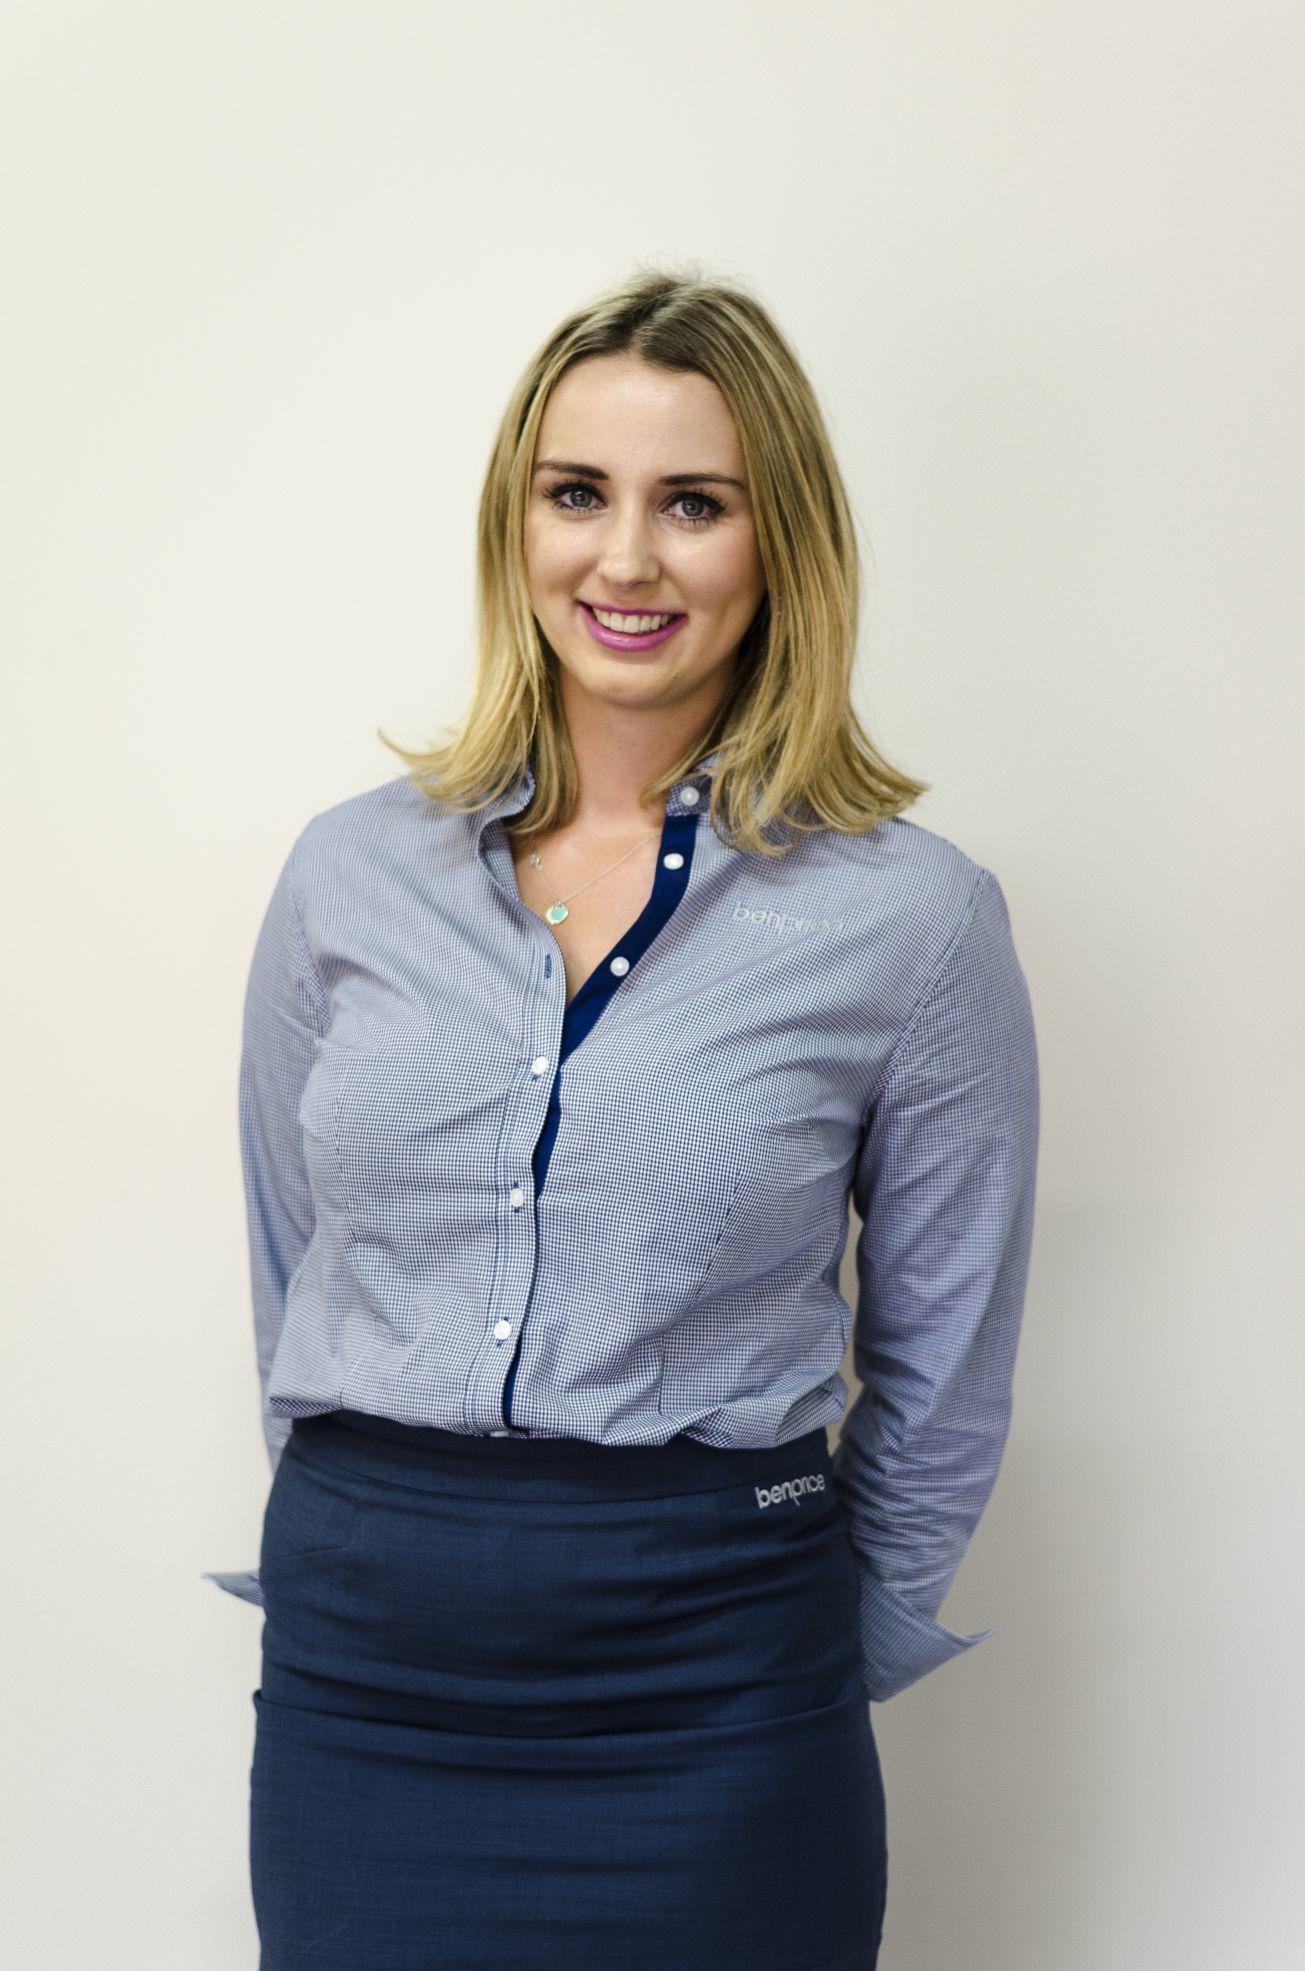 Samantha Arundell